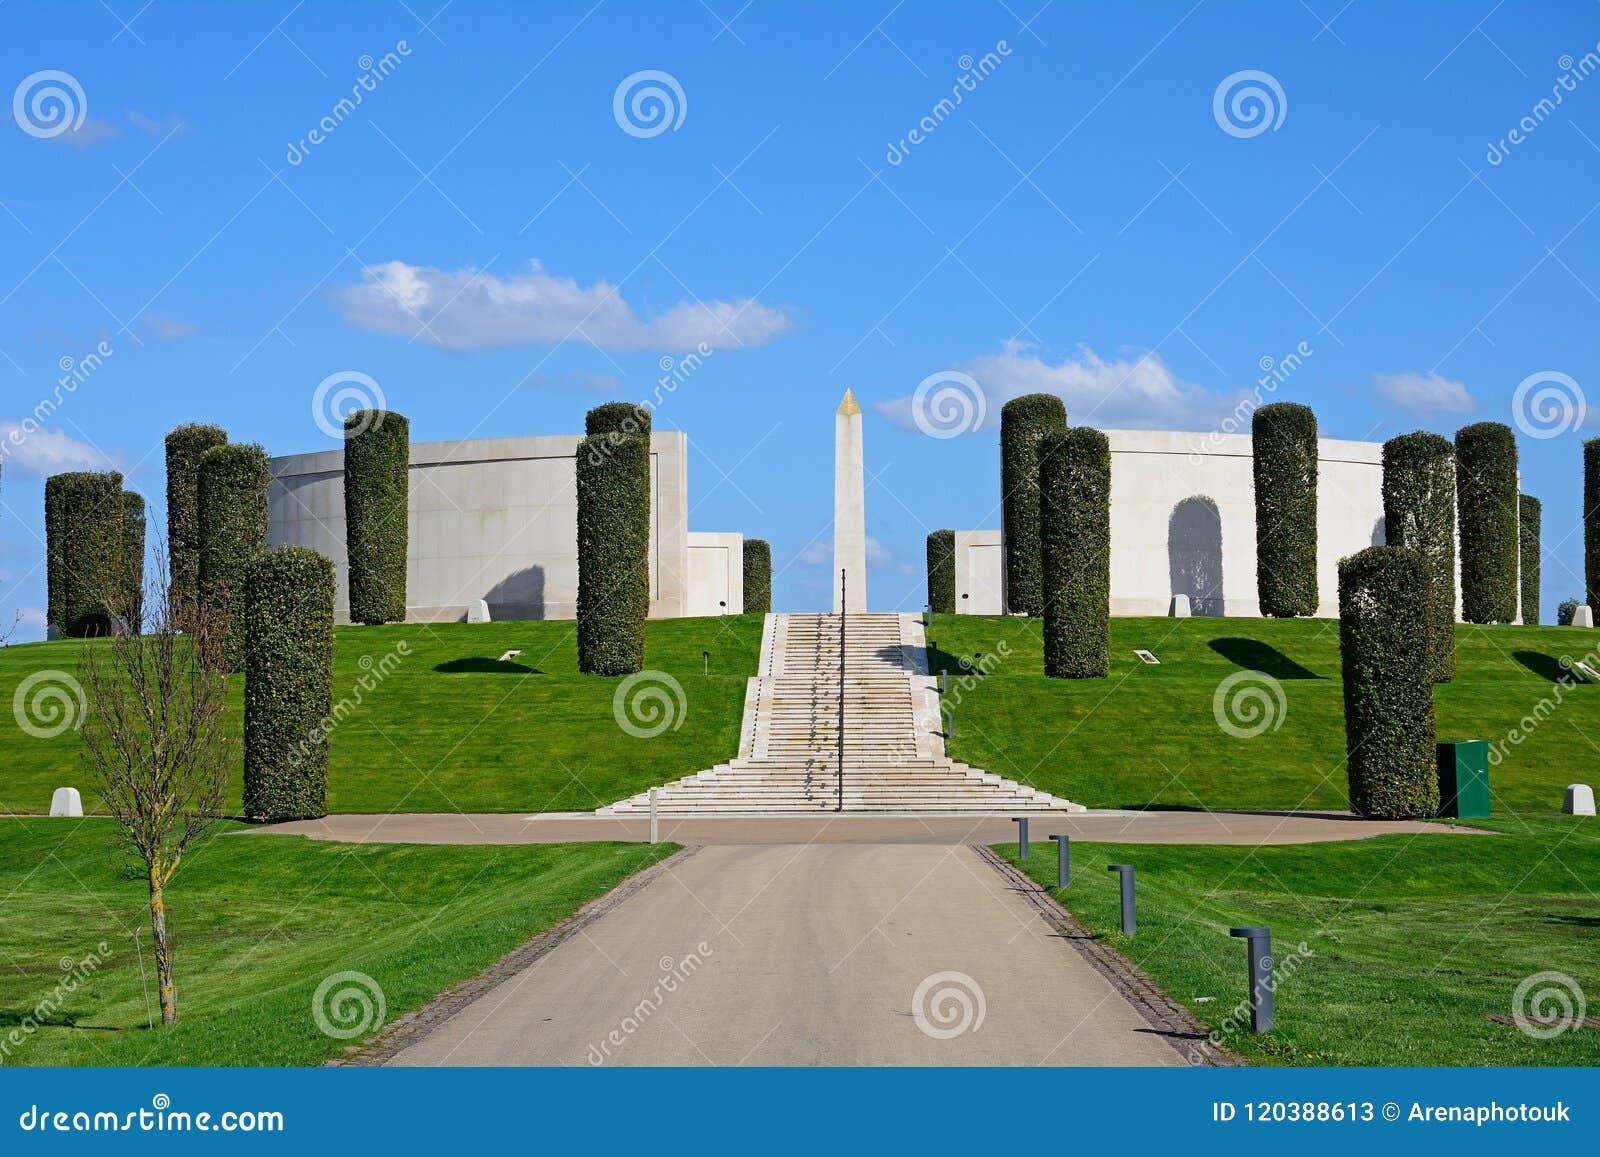 Mémorial de forces armées, arborétum commémoratif national